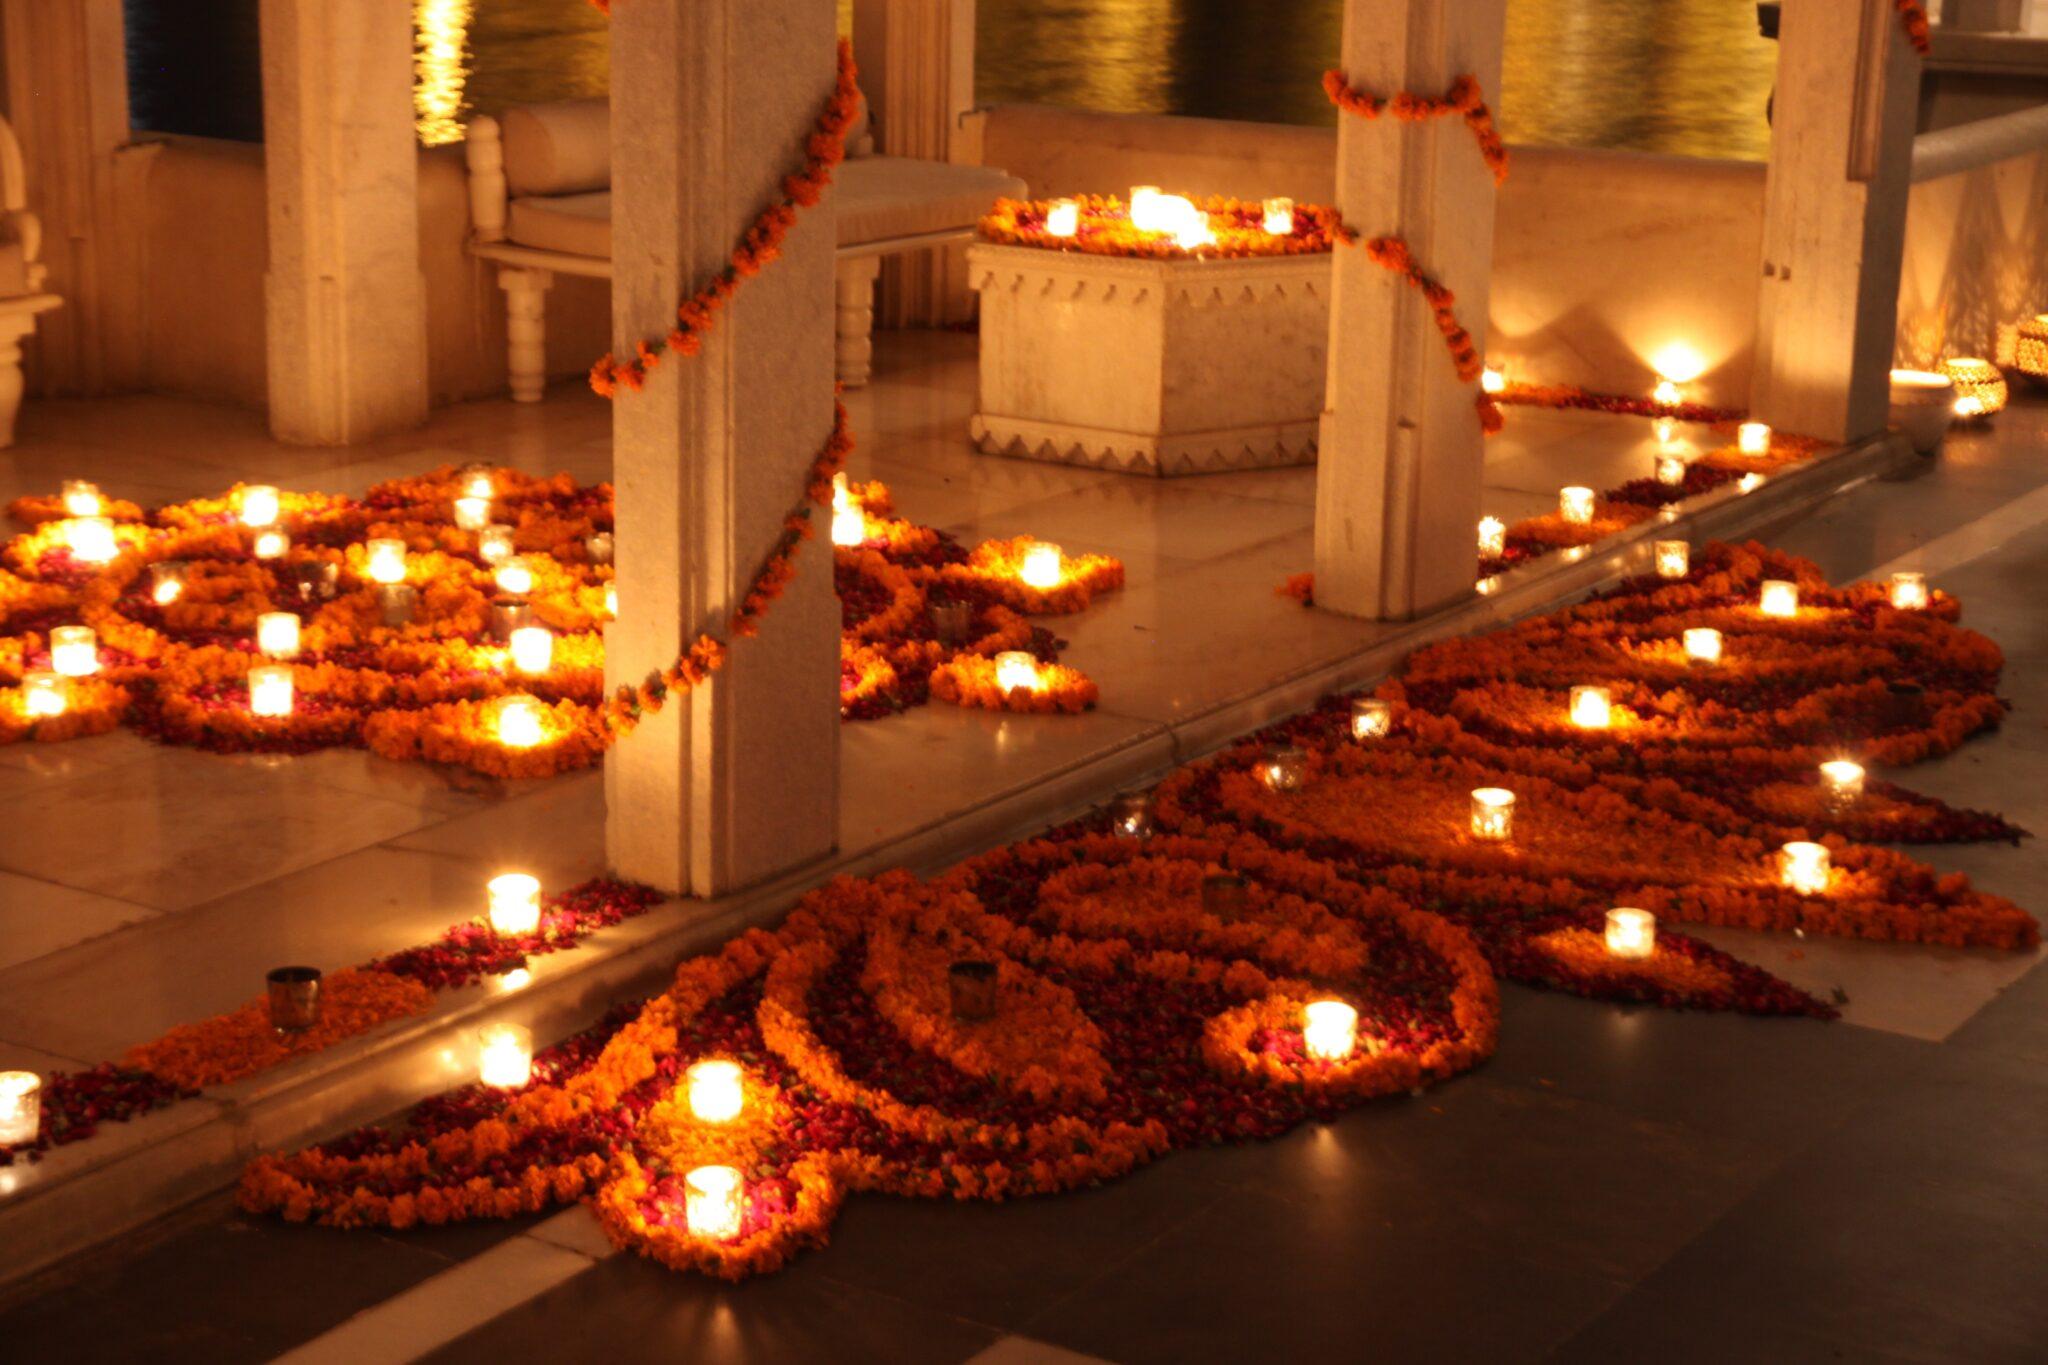 Pilar.Latorre. World Cuisine. Viaje a La India2017: Palacio Real iluminado en Udaipur